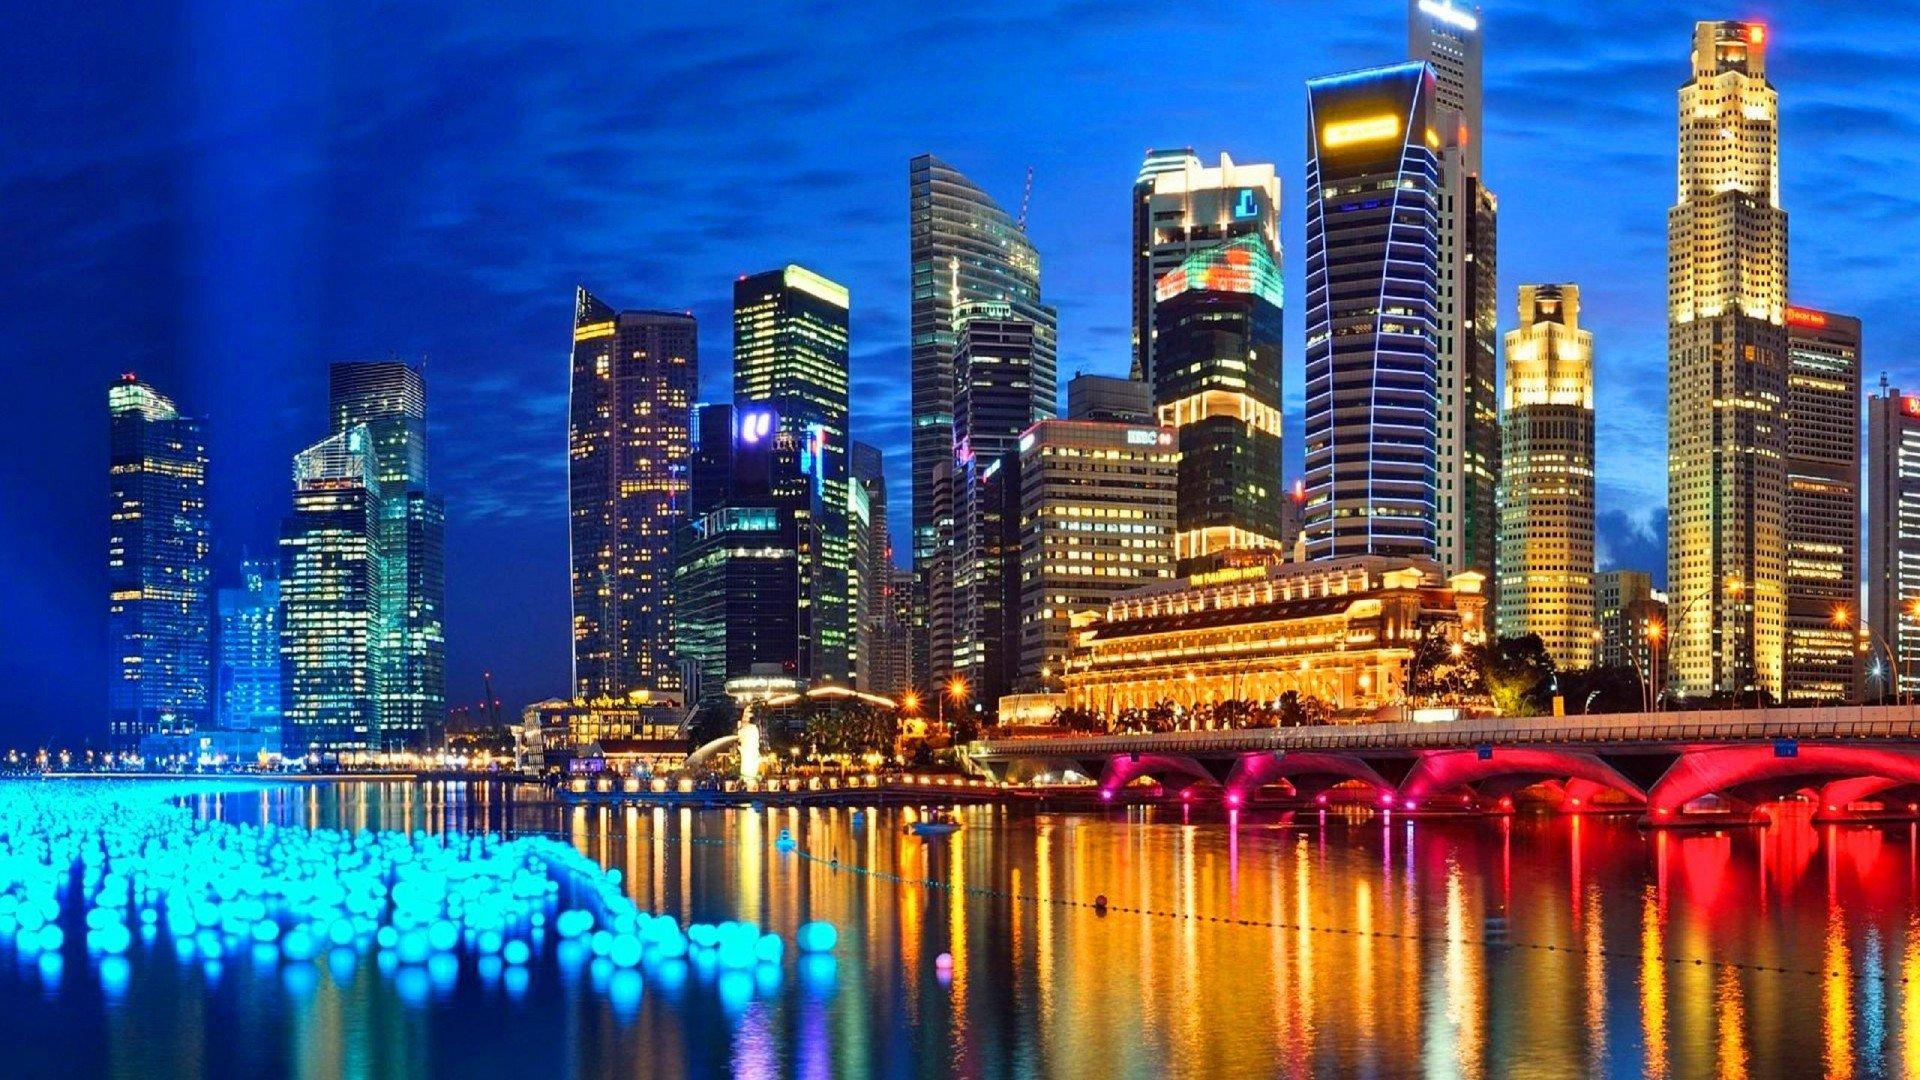 تور کوالالامپور – سنگاپور ( ویژه ۵ بهمن و ۲۶ بهمن ماه )